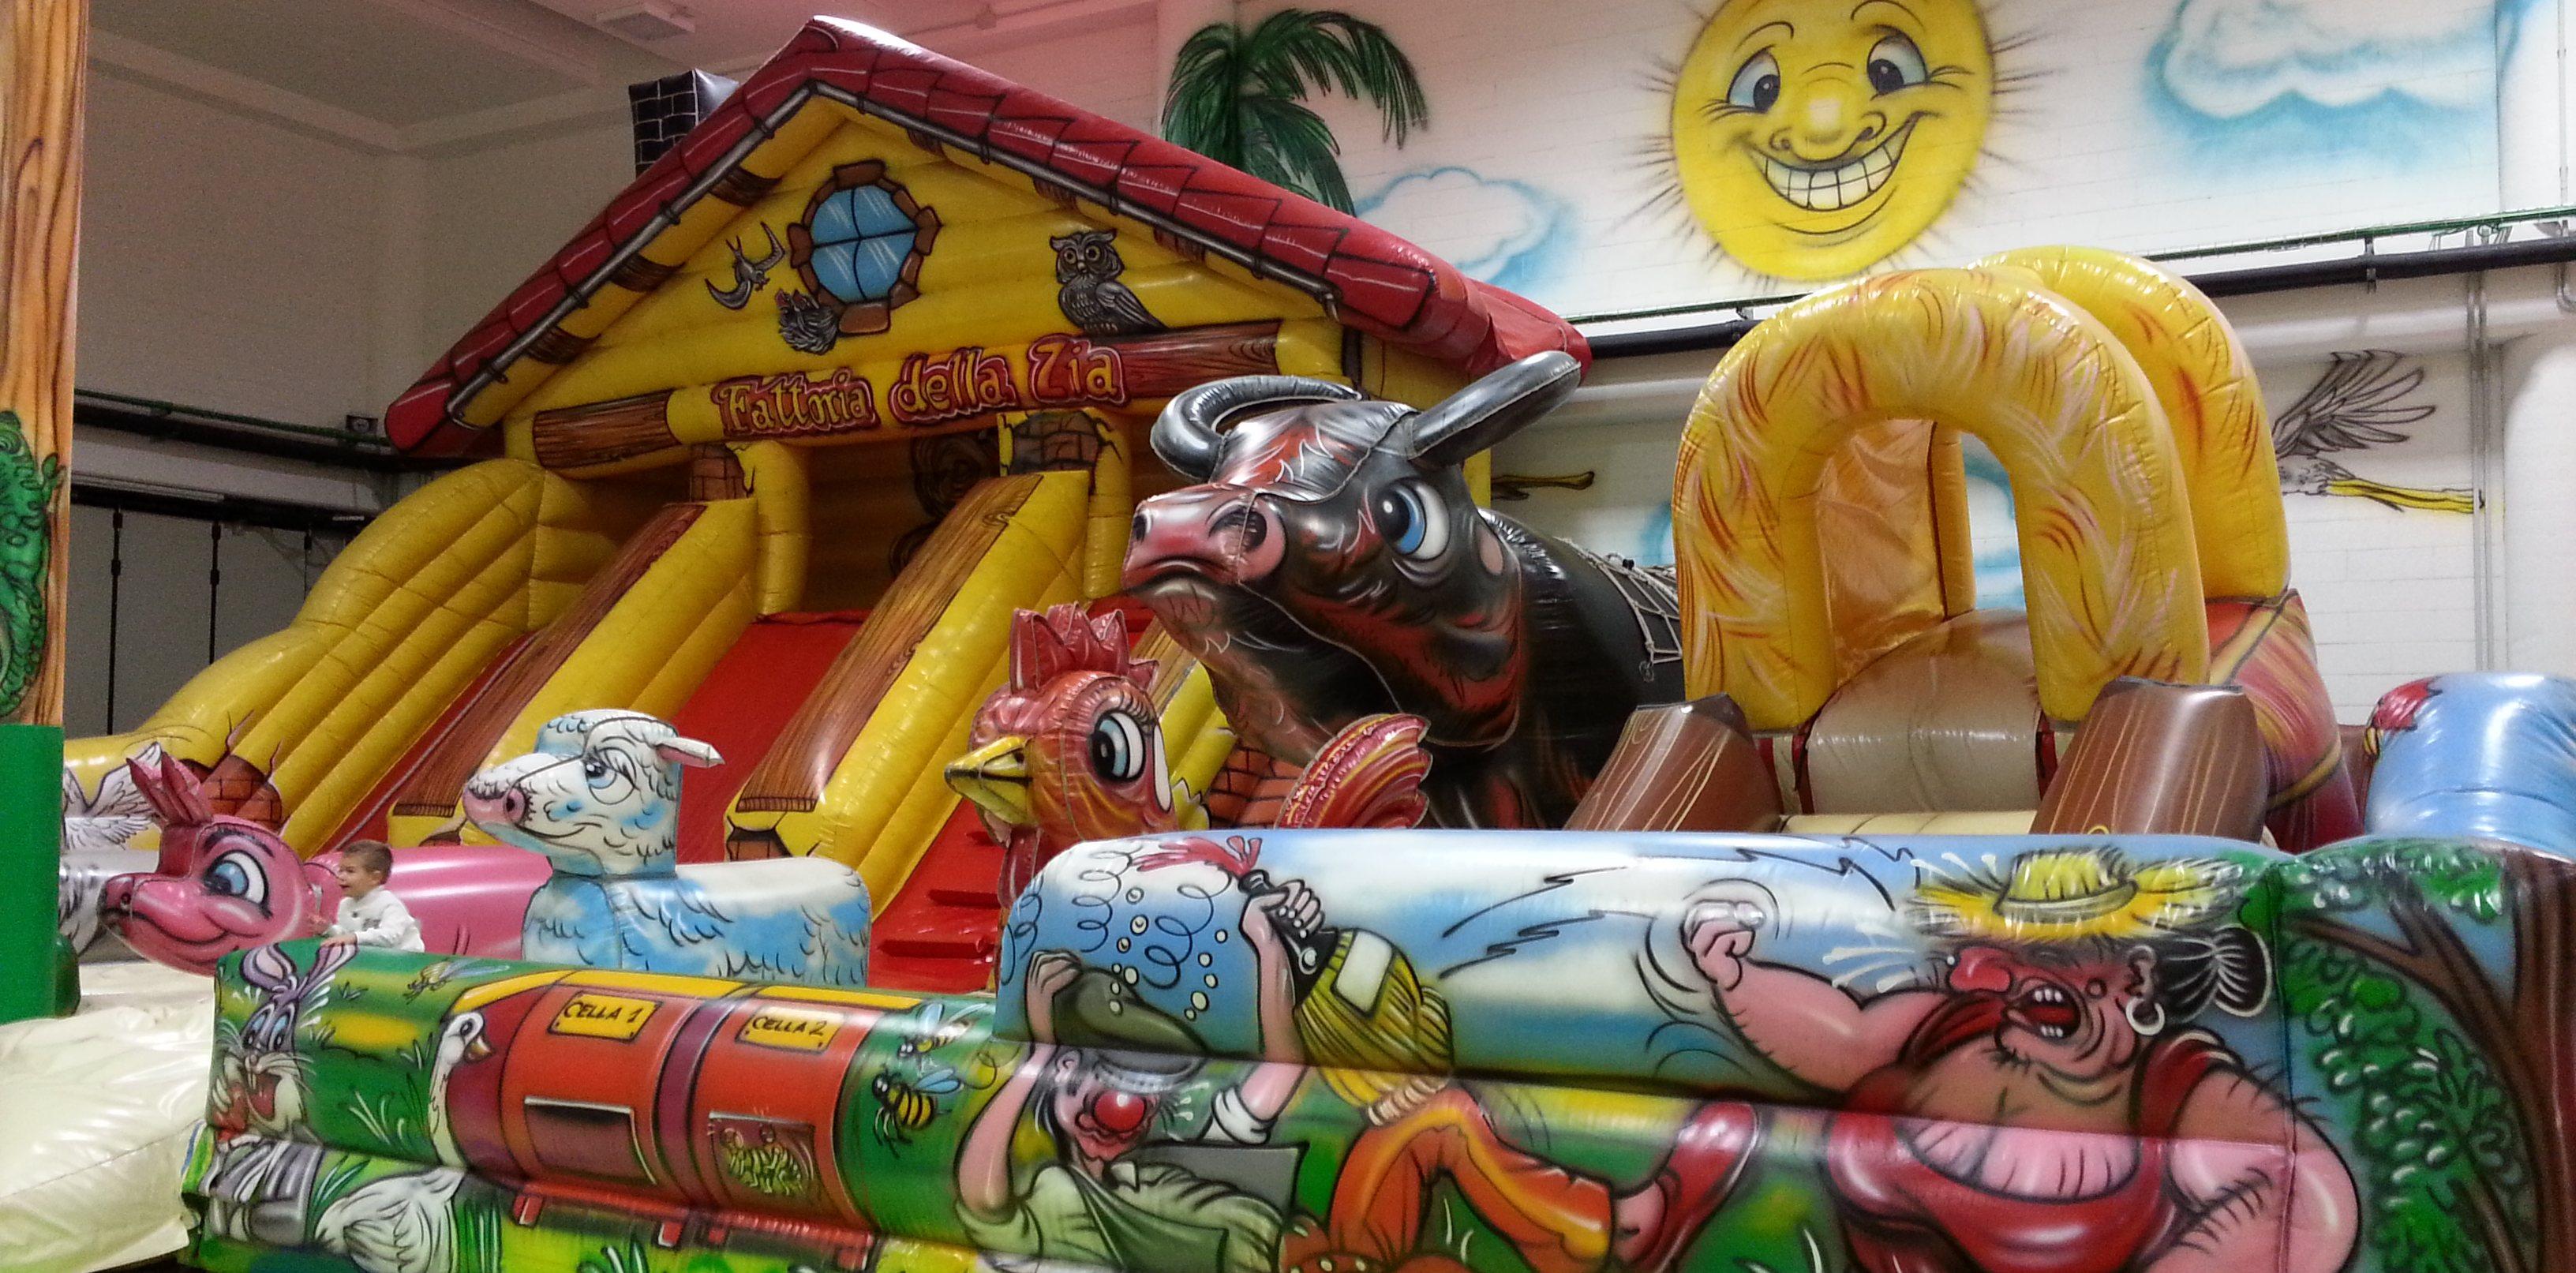 L'Arca Di Noè Park - Pistoia, Giochi gonfiabili e pizzeria per bambini